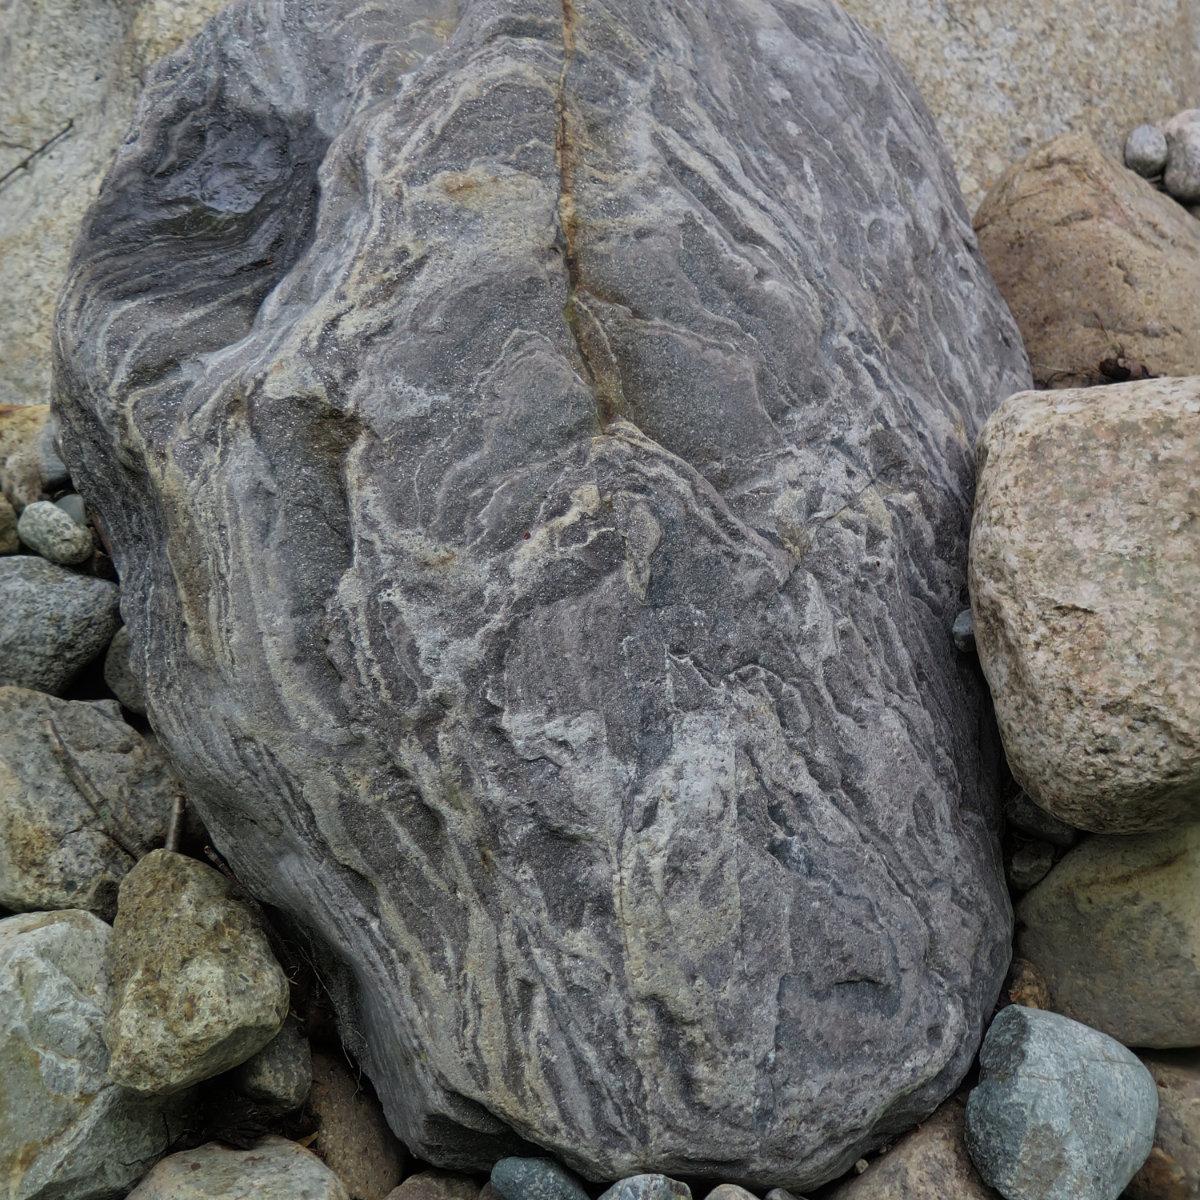 NTwin-Swirl-Stone-20180614